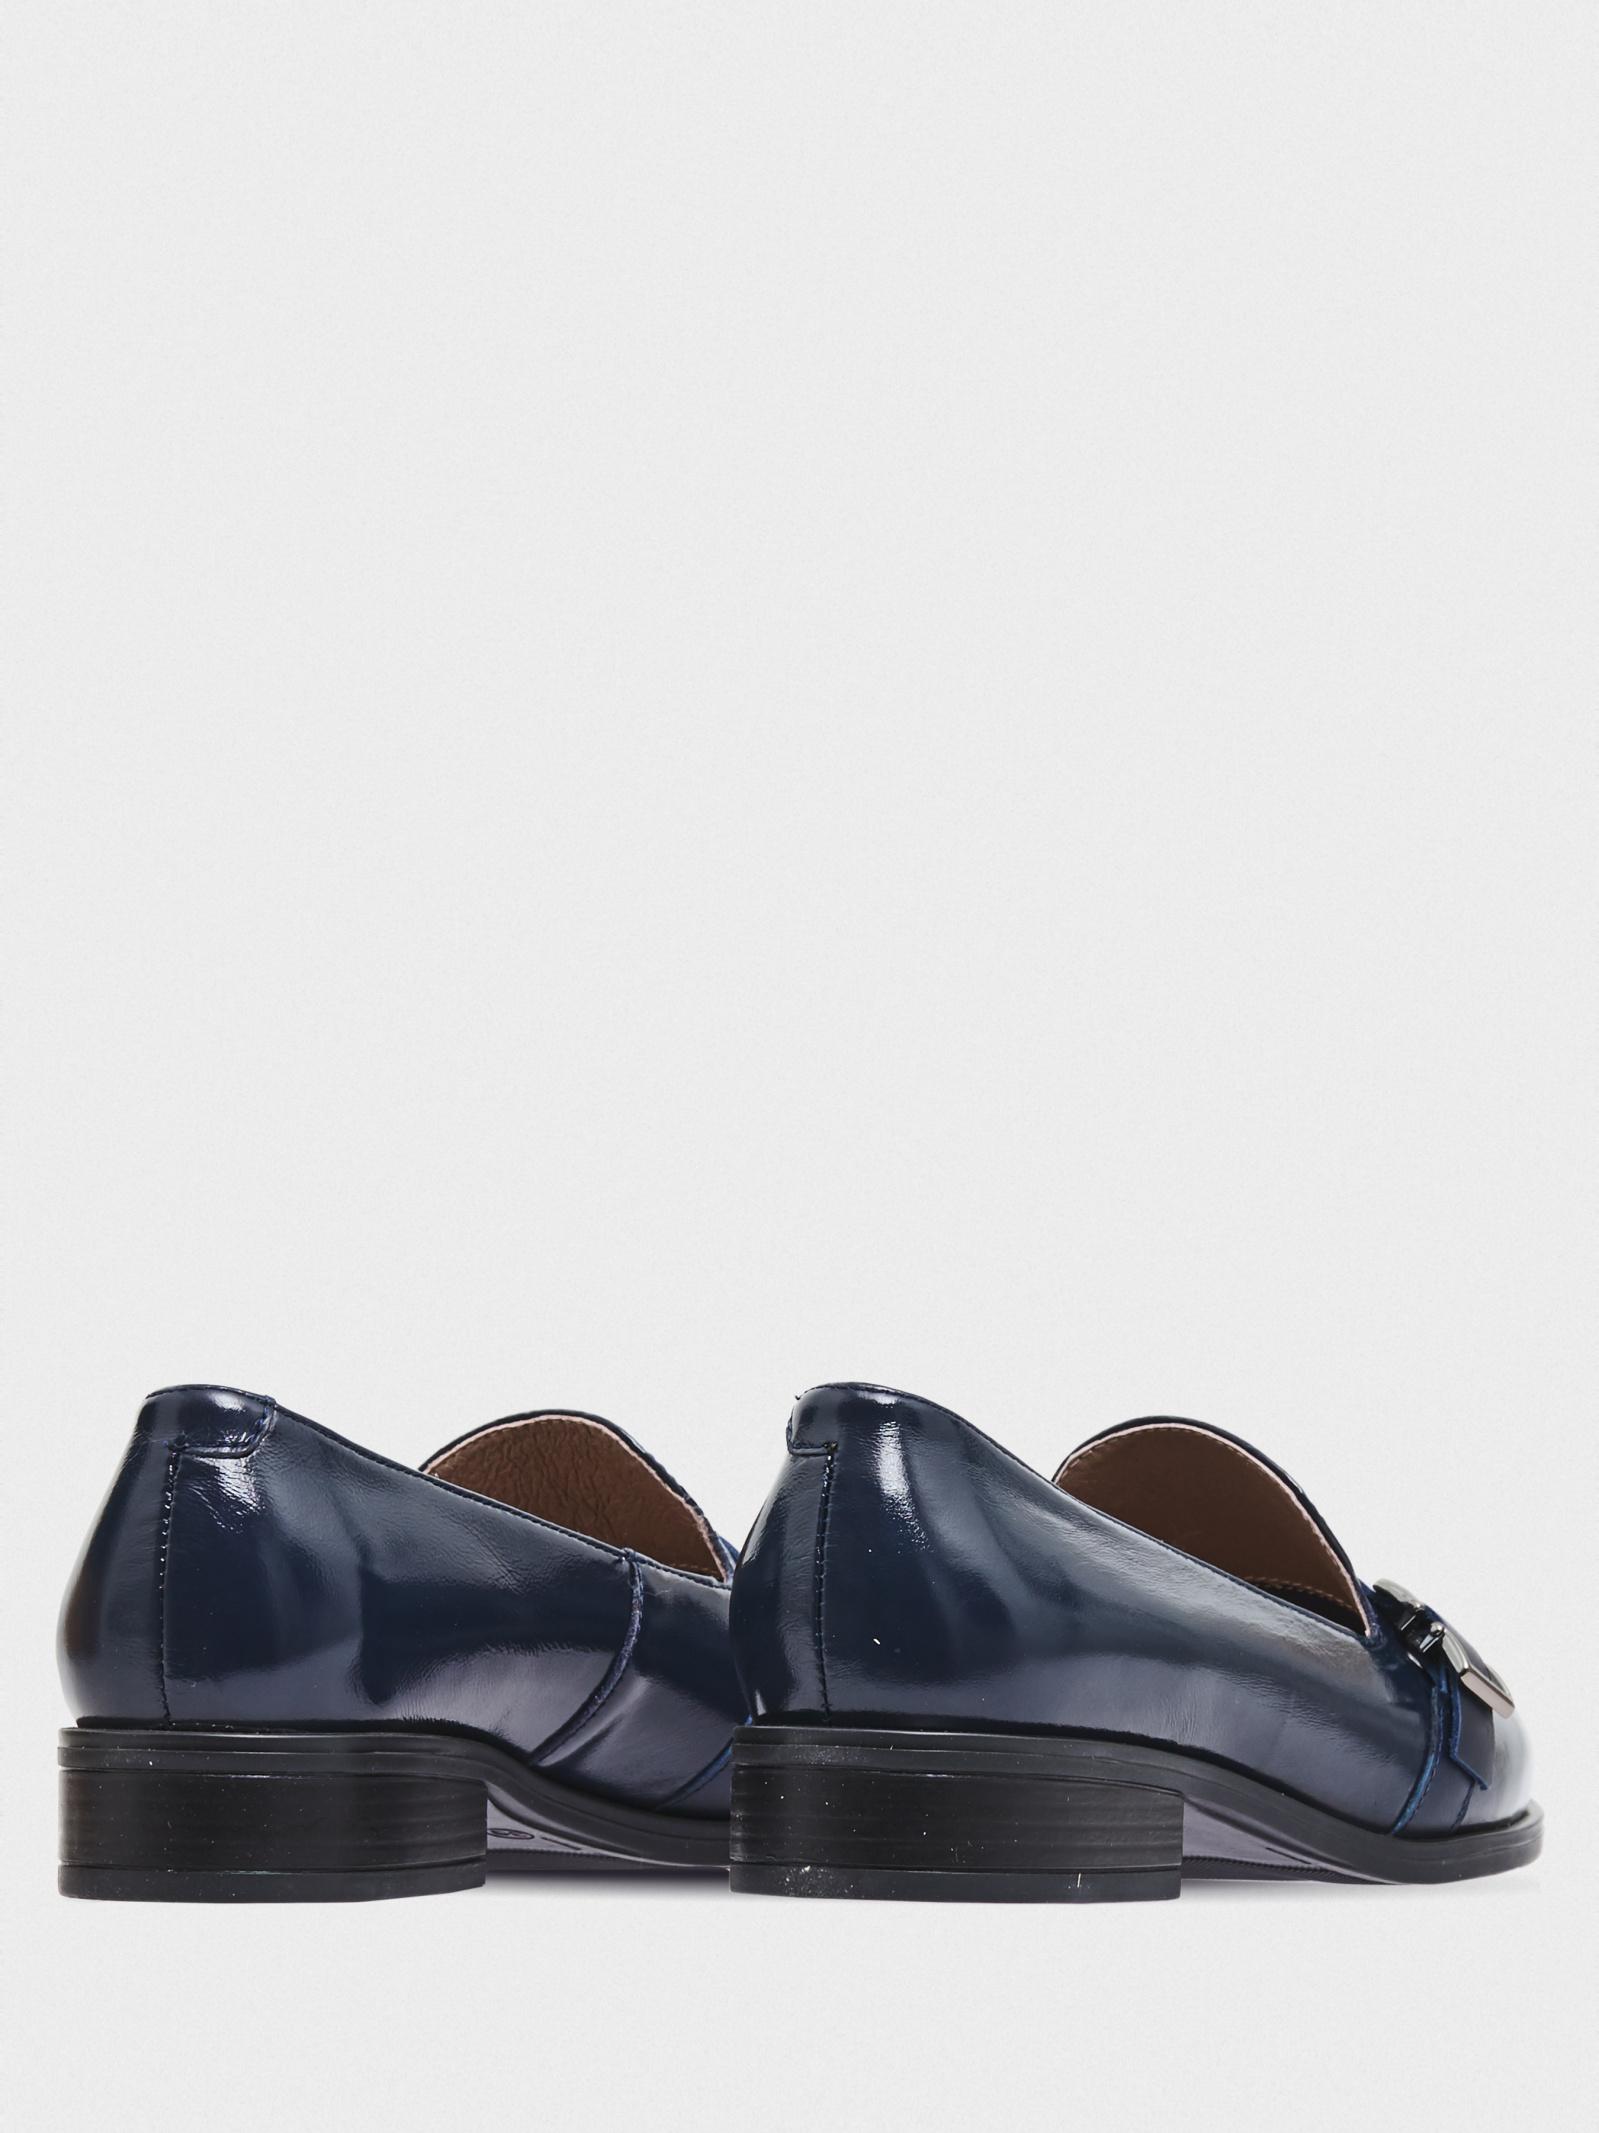 Туфлі  для жінок BRASKA 213-2432/609 модне взуття, 2017